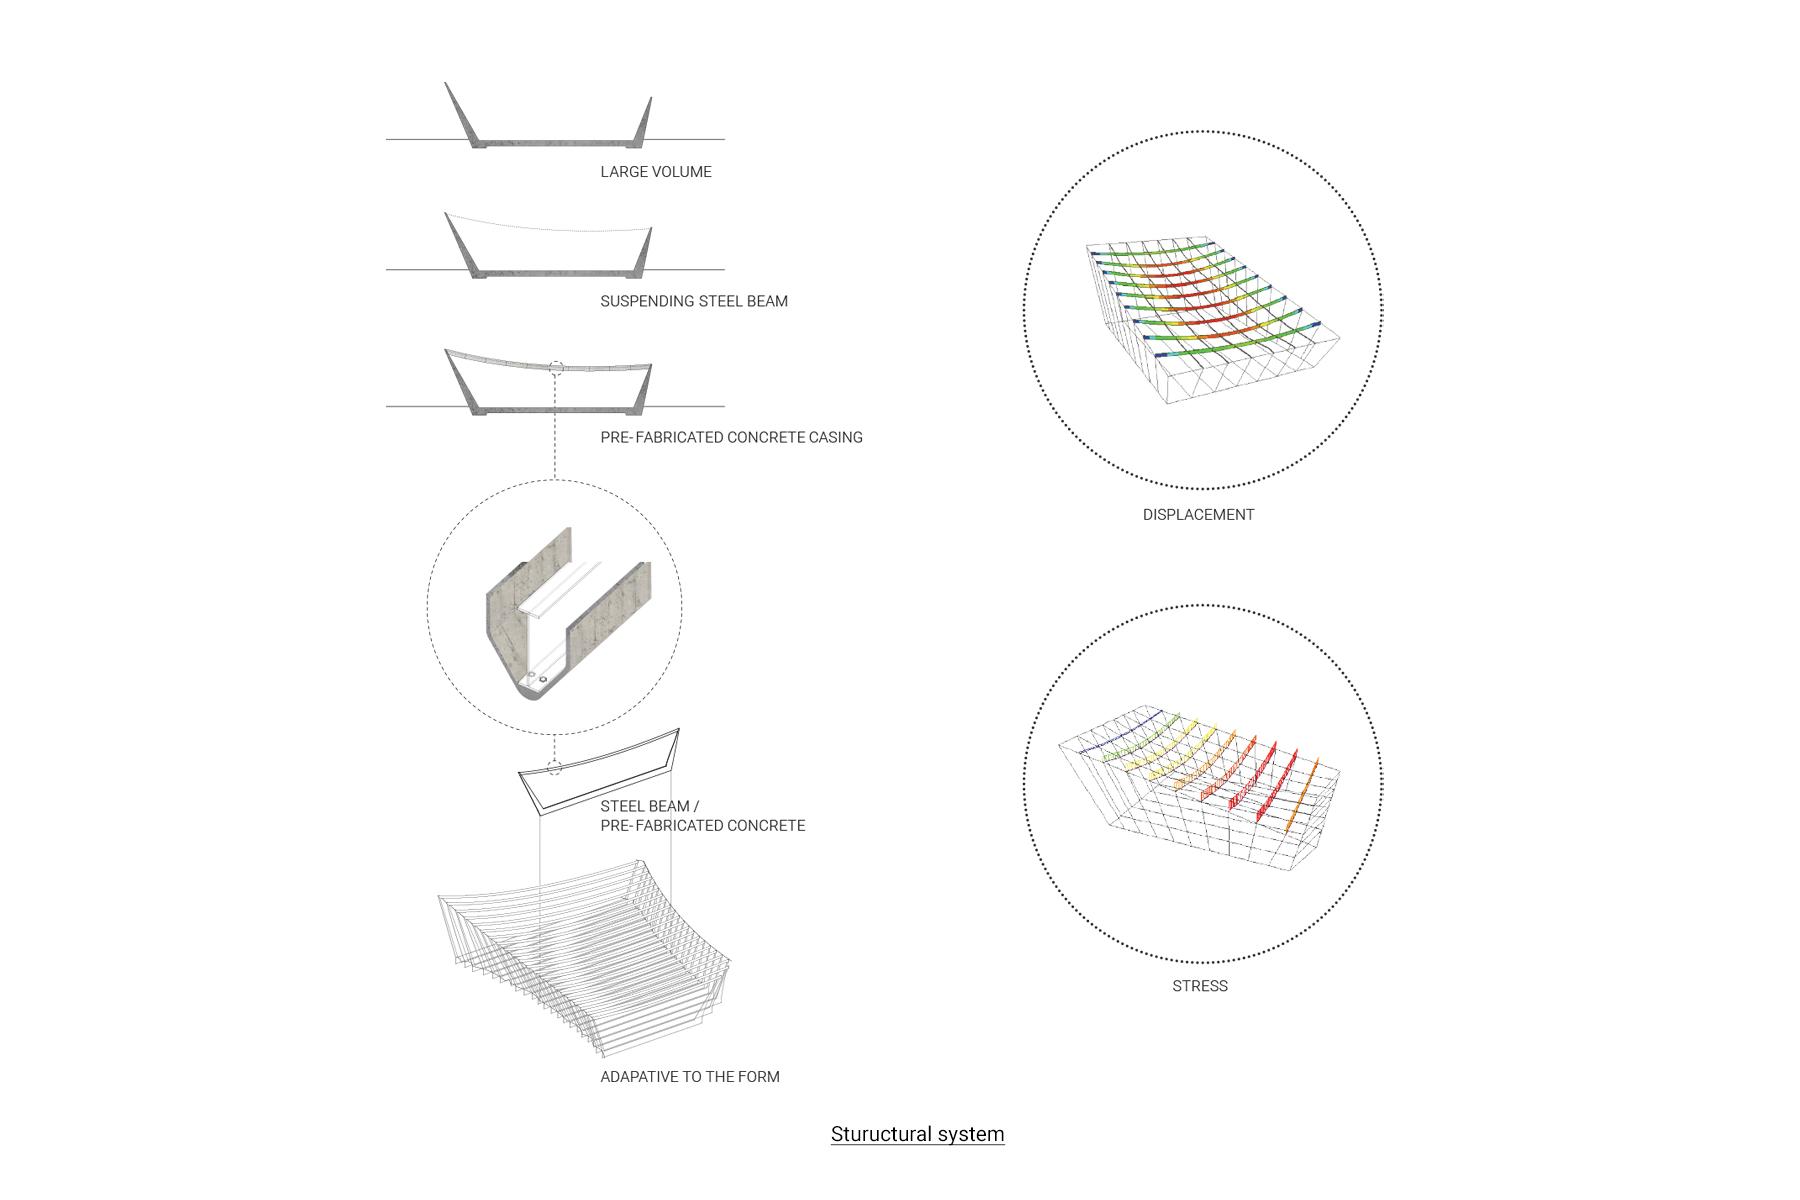 Structuralsystem_tex_1050.jpg